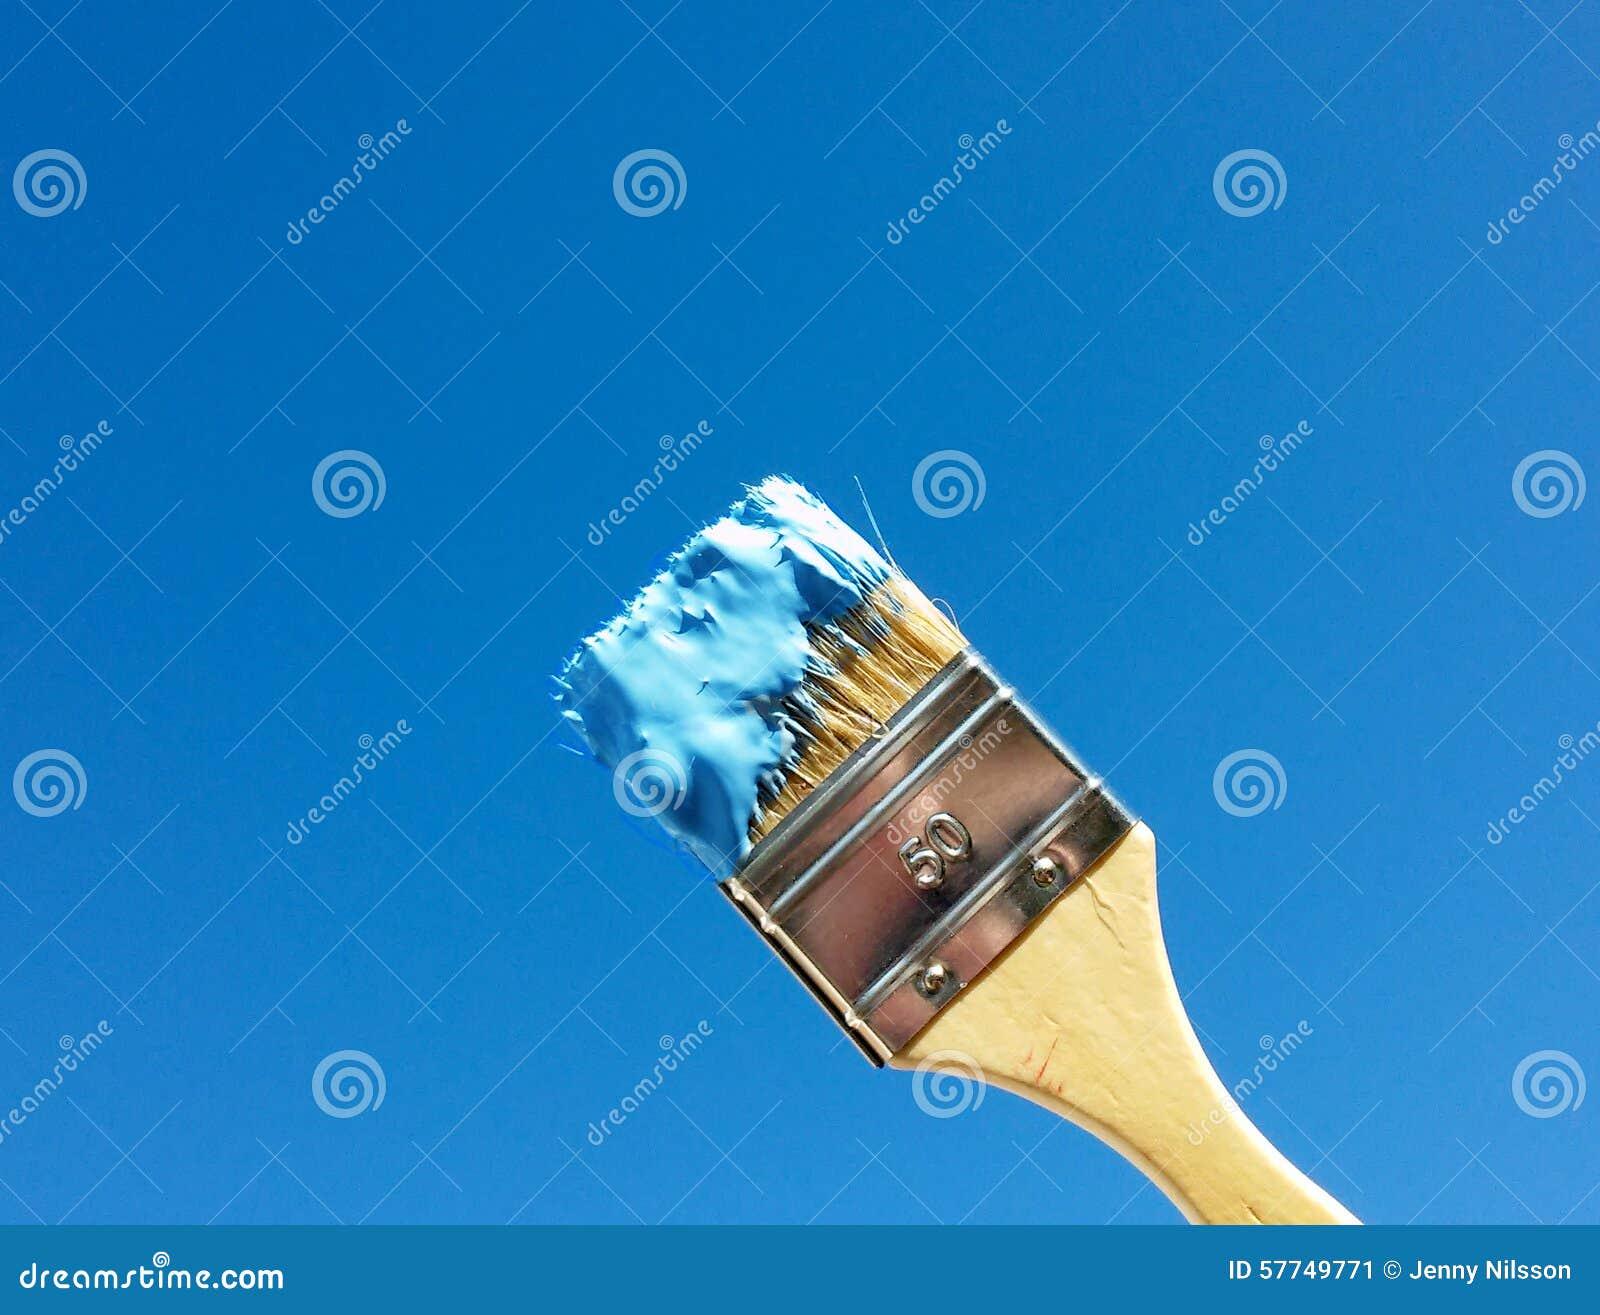 Malen des Himmel-Blaus